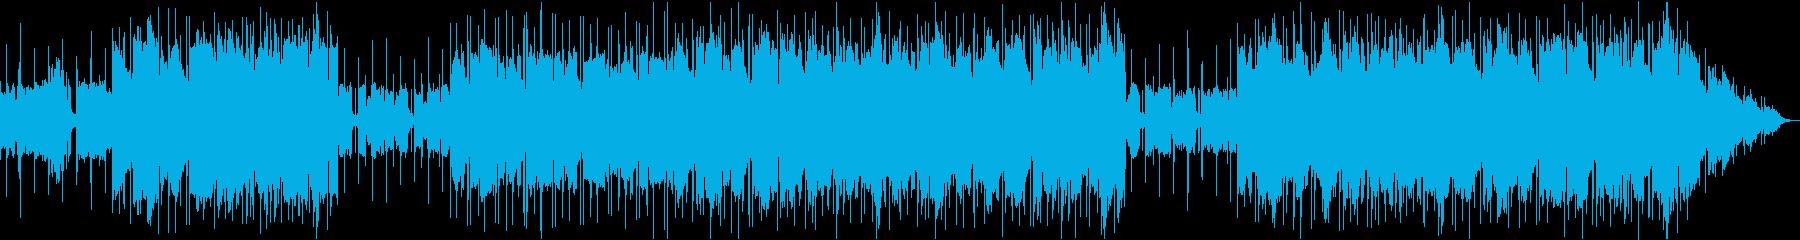 渋い中国風のローファイヒップホップの再生済みの波形